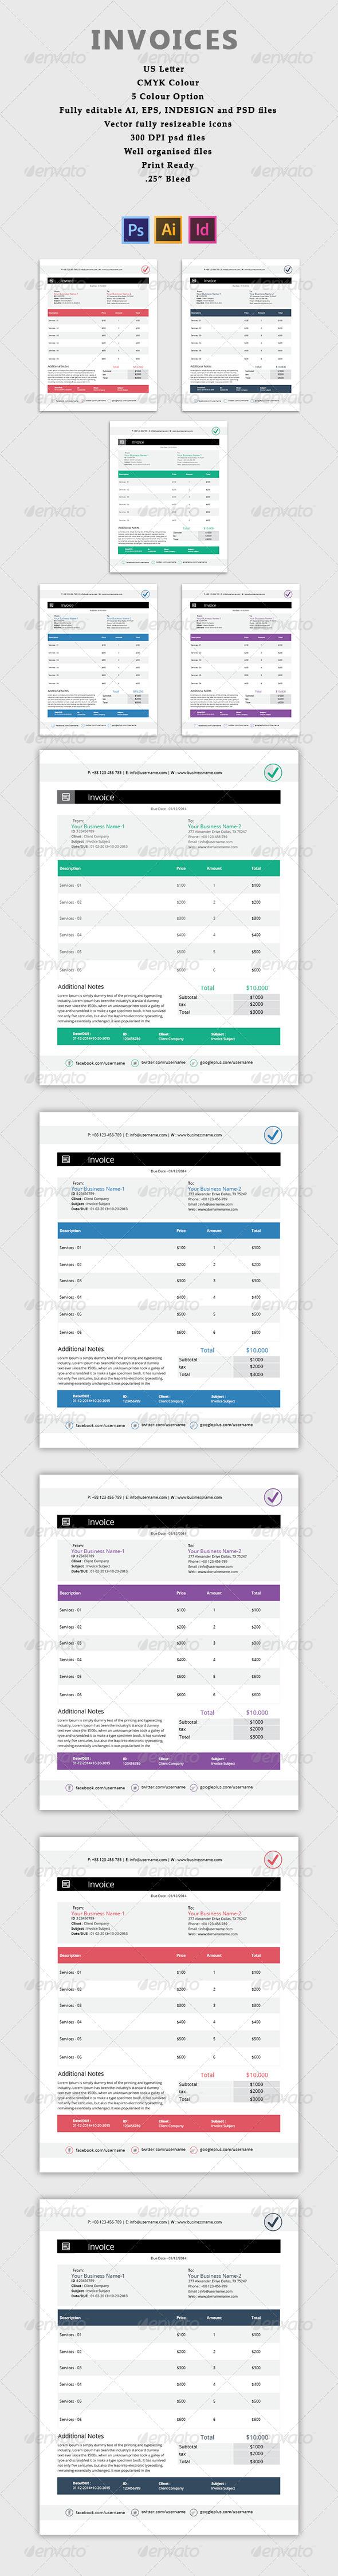 GraphicRiver Invoices 7472885